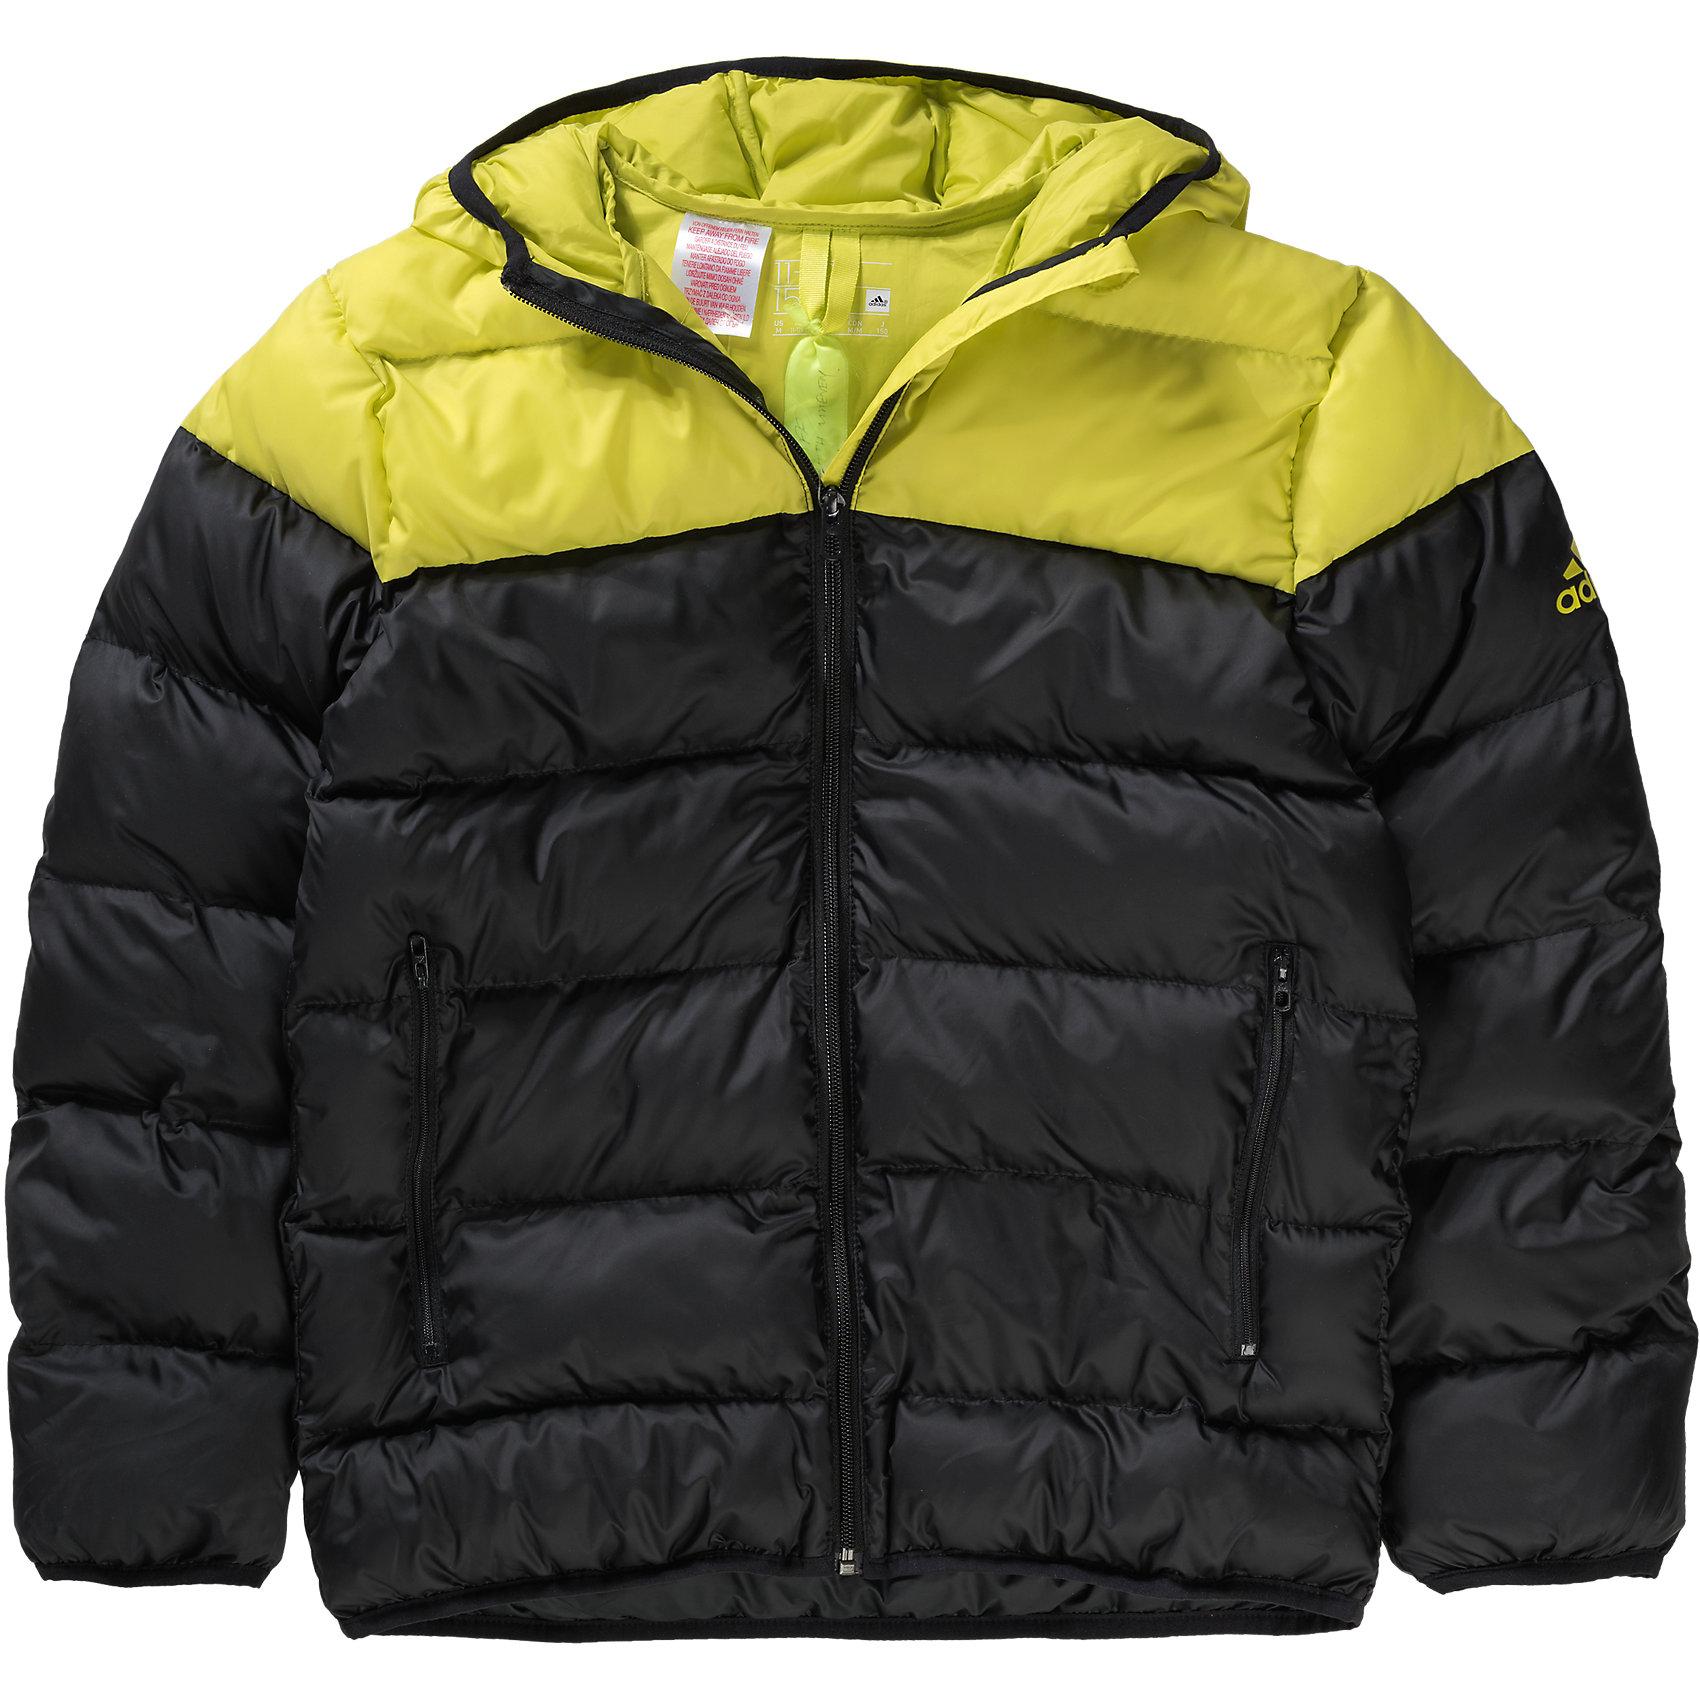 Куртка adidasВерхняя одежда<br>Куртка  Аdidas (Адидас).<br><br>Характеристики:<br><br>• Цвет: Черный, желтый.<br>• Сезон: осень-зима.<br>• Состав: 100% полиэстер; утеплитель: 100% полиэстер<br>• Передние прорезные карманы на молнии<br>• Застежка на молнию; <br>• Капюшон<br>• Эластичные манжеты и нижний край<br>• Водоотталкивающая ткань; <br>• Утеплитель из синтетического пуха; <br>• Светоотражающие детали<br>• Классический крой<br><br>Куртка от известного спортивного бренда Аdidas (Адидас).  Эта теплая спортивная куртка отлично впишется в гардероб  вашего ребенка. Куртка черного цвета, декорирована ярко желтыми деталями - капюшон и плечевой пояс. Данная модель выполнена из гладкого текстиля с водоотталкивающим покрытием. Куртка прямого кроя с синтепоновым утеплителем Карманы прорезные, на молнии. Застежка на молнию, узкий эластичный кант, светоотражающие элементы. В такой  куртке ребенок будет комфортно себя чувствовать во время активных прогулок. Данная модель хорошо сидит на ребенке, обеспечивают комфорт и отлично сочетается с другой спортивной одеждой. <br><br>Куртку Аdidas (Адидас), можно купить в нашем интернет-магазине.<br><br>Ширина мм: 520<br>Глубина мм: 240<br>Высота мм: 144<br>Вес г: 621<br>Цвет: черный/желтый<br>Возраст от месяцев: 120<br>Возраст до месяцев: 132<br>Пол: Мужской<br>Возраст: Детский<br>Размер: 152,176,164,140<br>SKU: 4717082